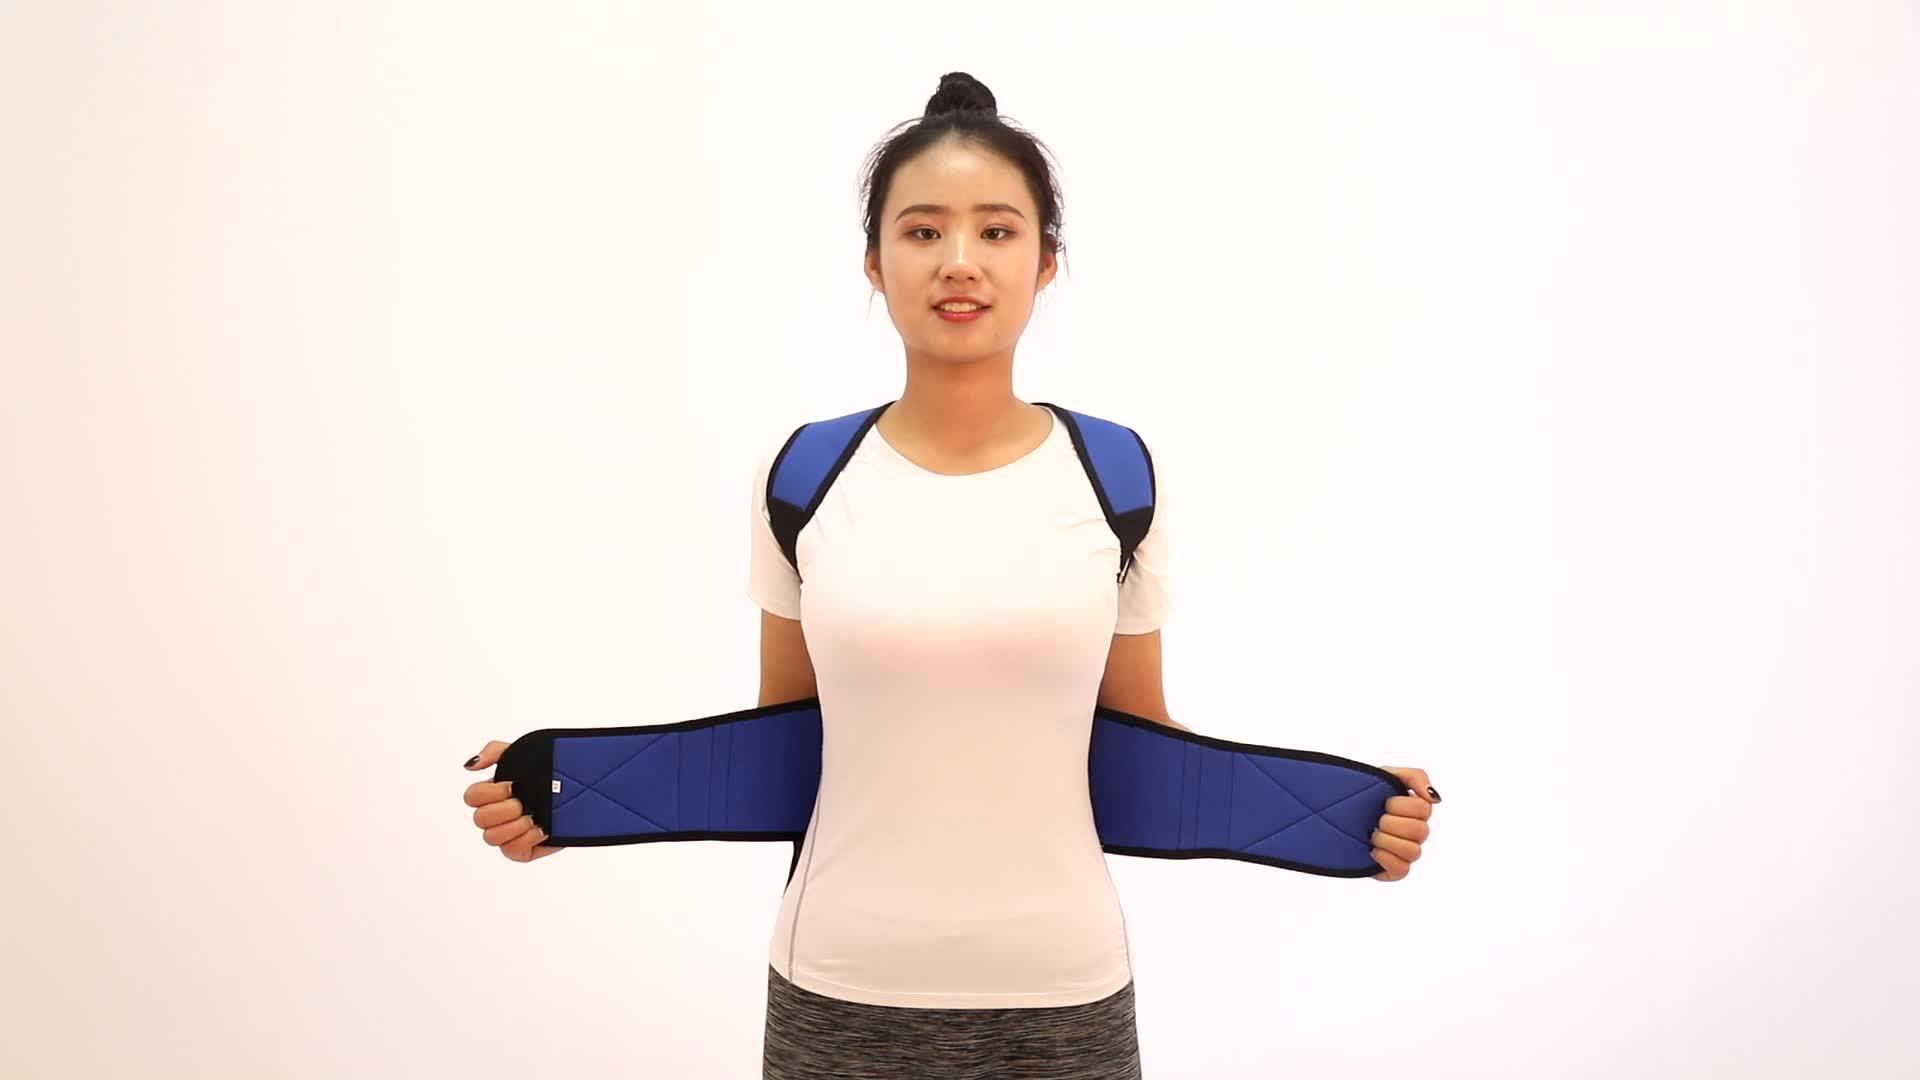 2019 di Qualità Aggiornamento regolabile in neoprene terapia magnetica torna postura correttore per il mal di schiena e di buona postura del corpo